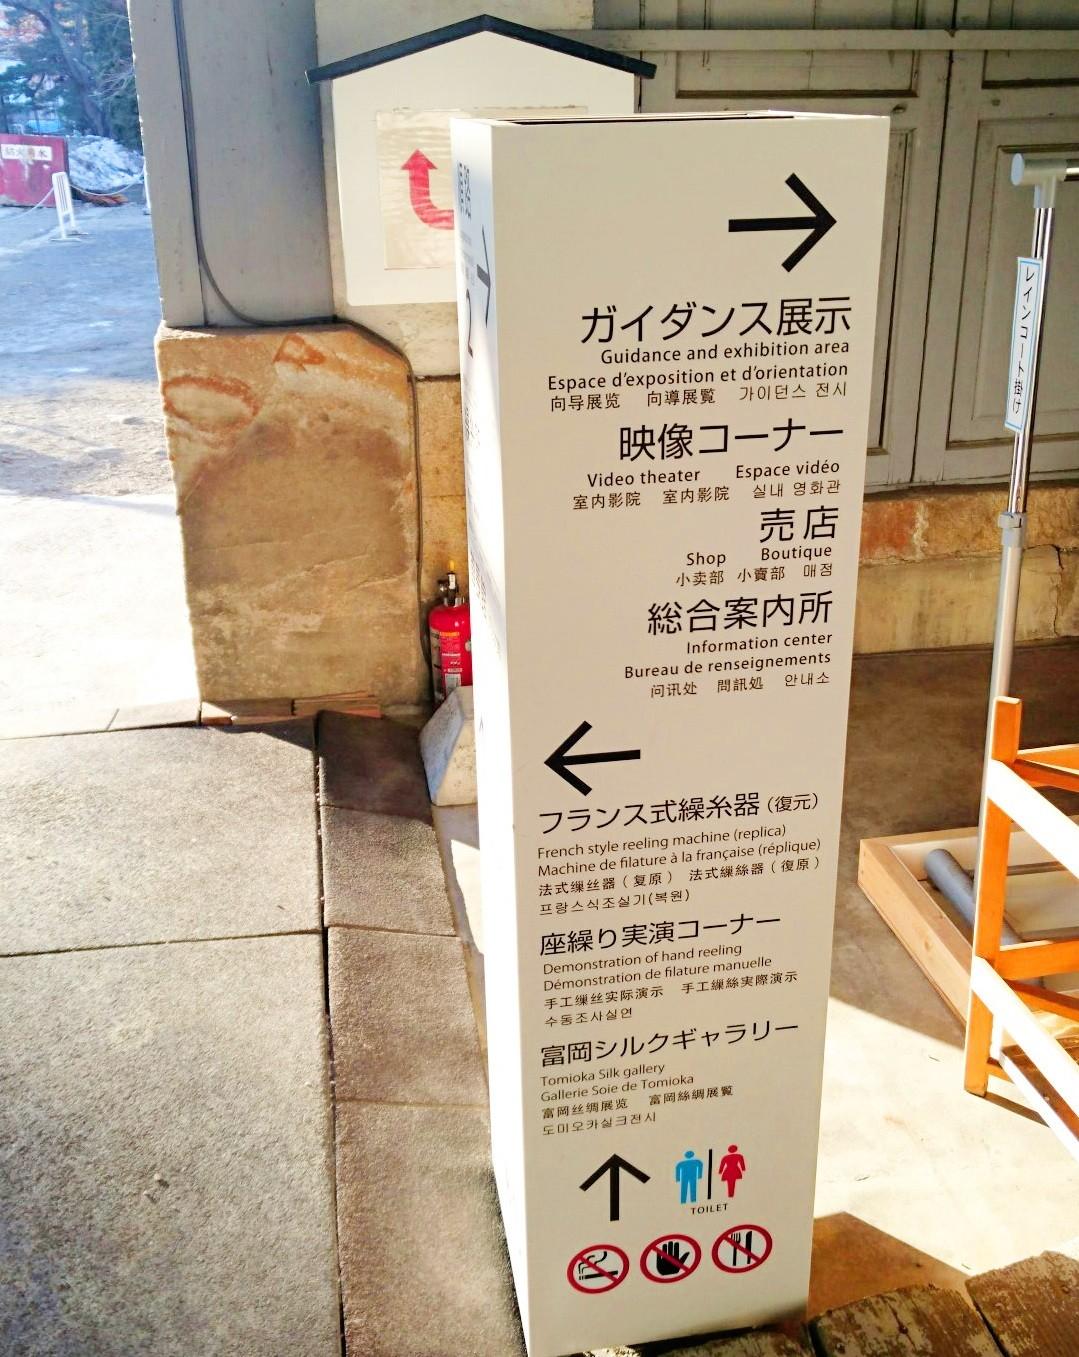 【世界遺産】群馬・富岡製糸場で明治を感じる週末ドライブ!おすすめカフェもご紹介!